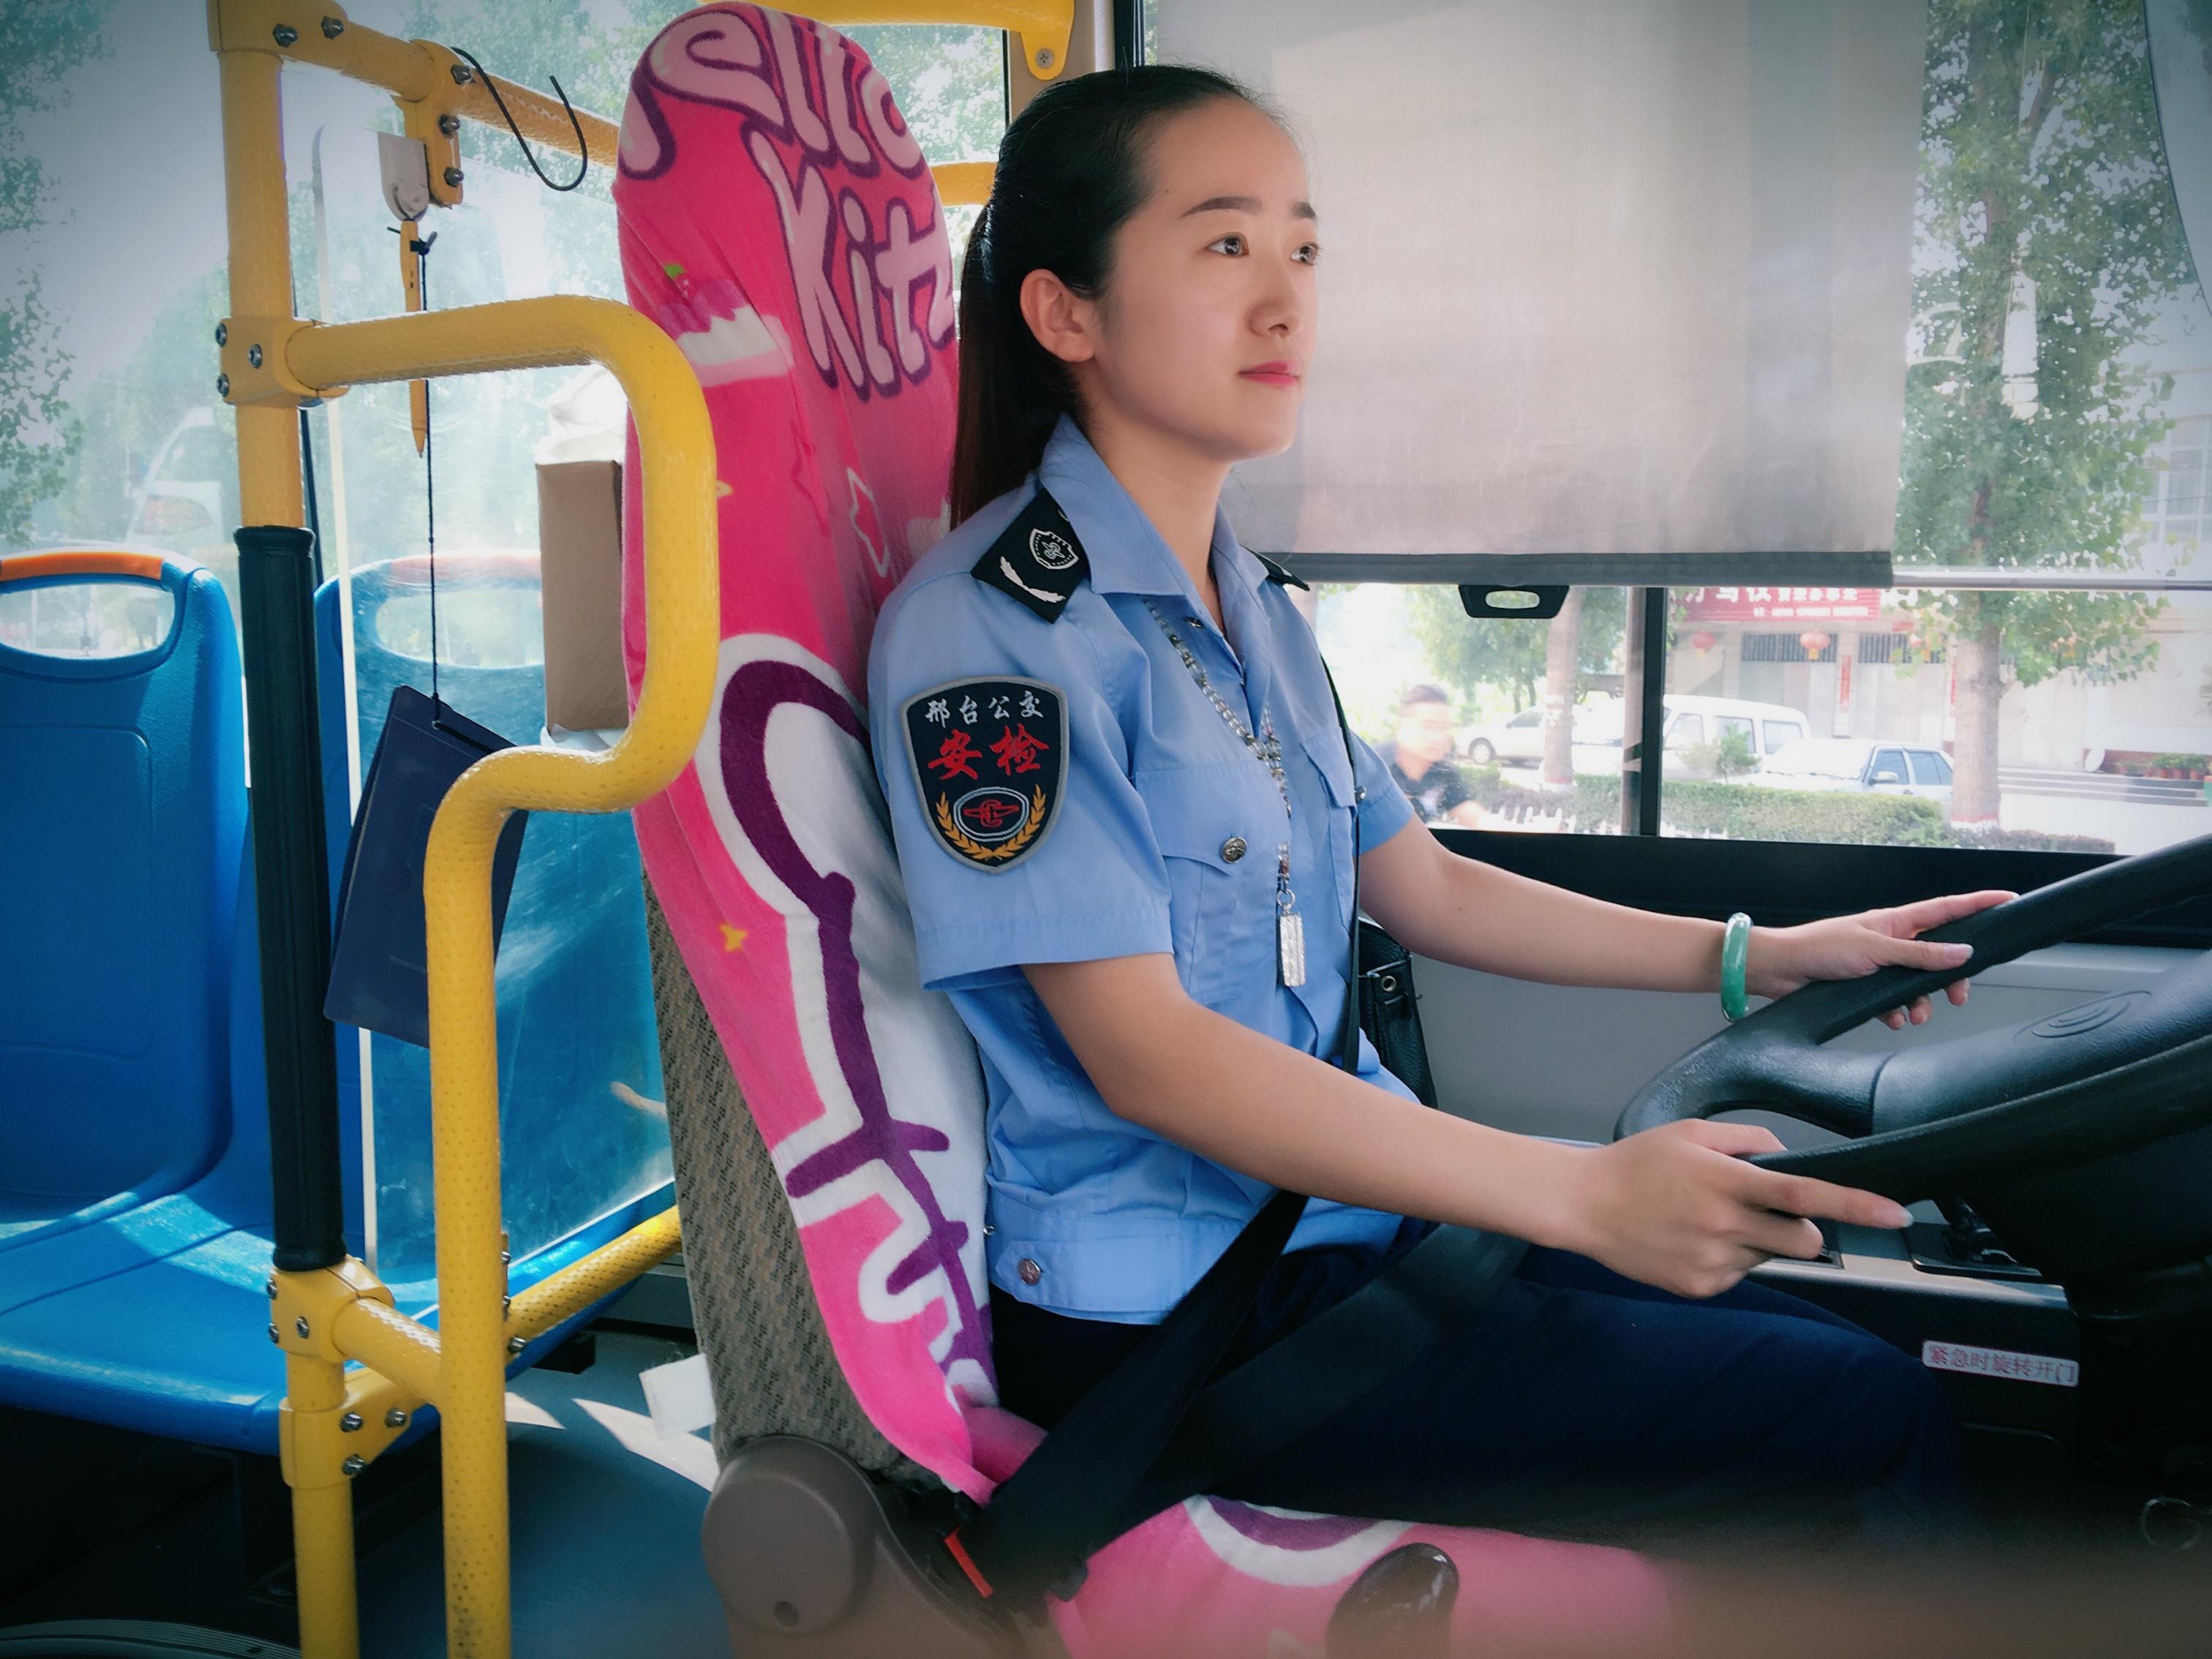 14岁女孩错过末班车,邢台公交司机爱心接力护送回家获5000元正能量奖金